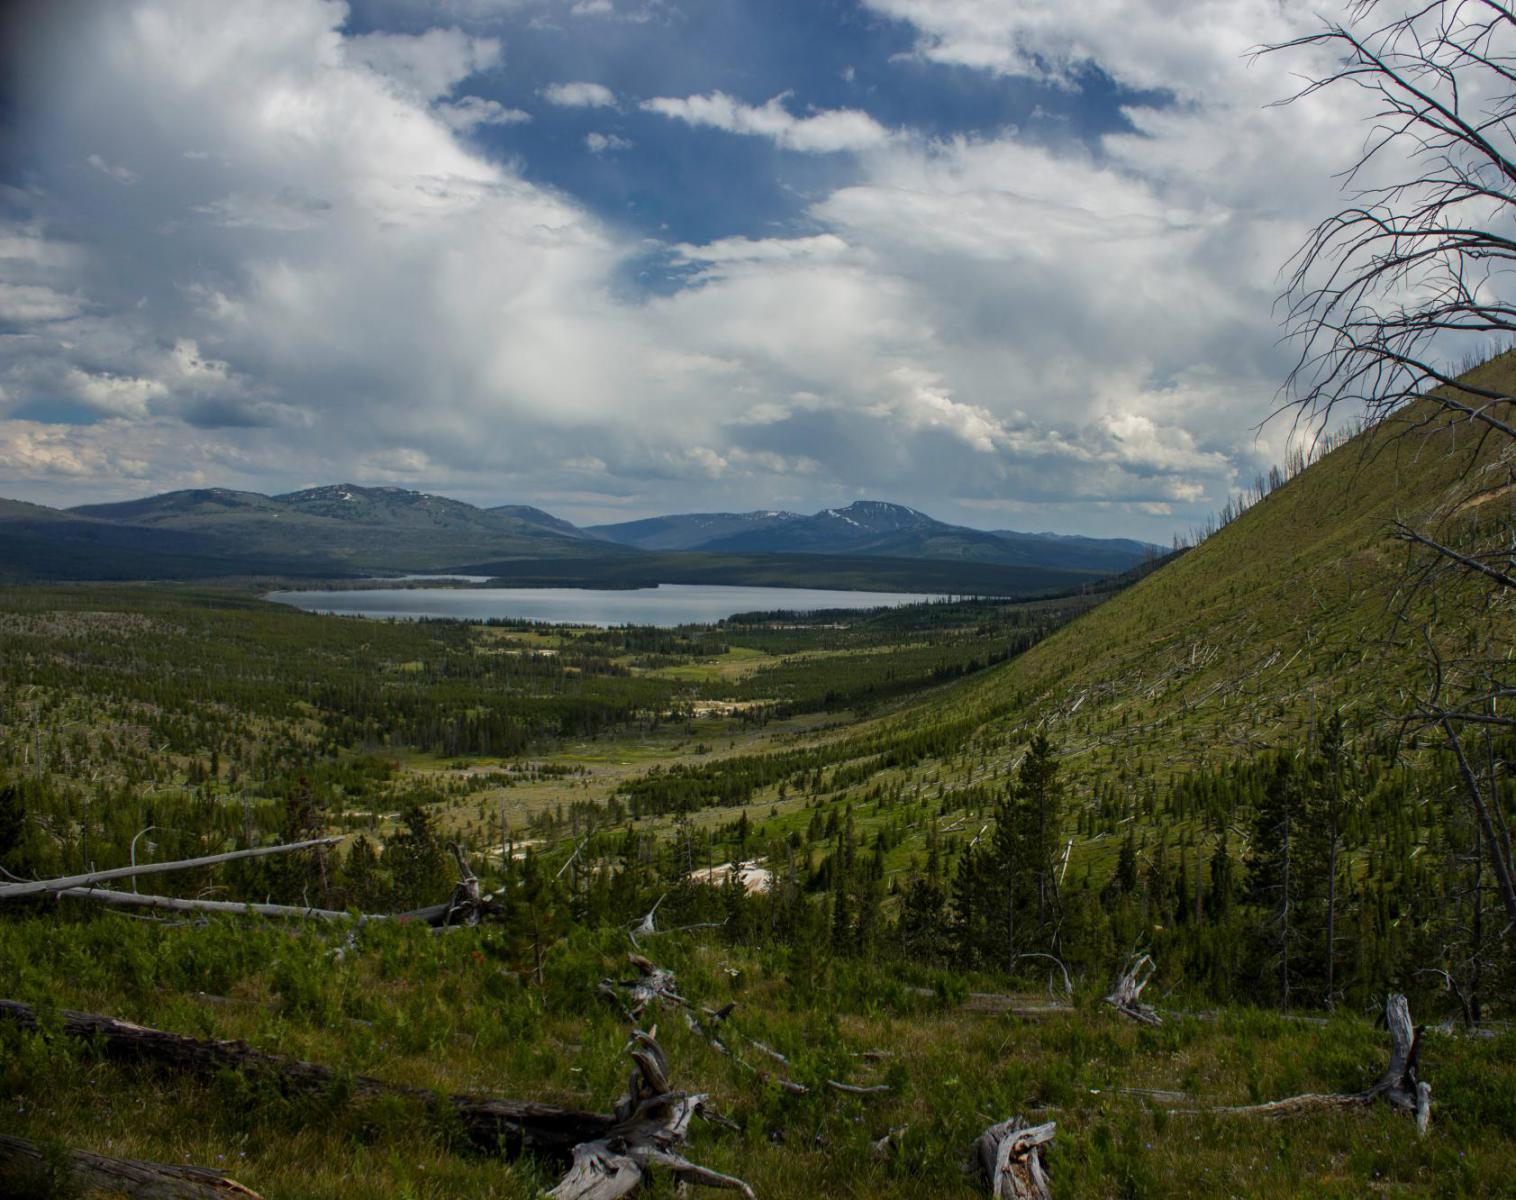 États-Unis  Entre canyon et geyser, trek au coeur du Yellowstone   Découverte Trek & Randonnée Observation nature Balade nature